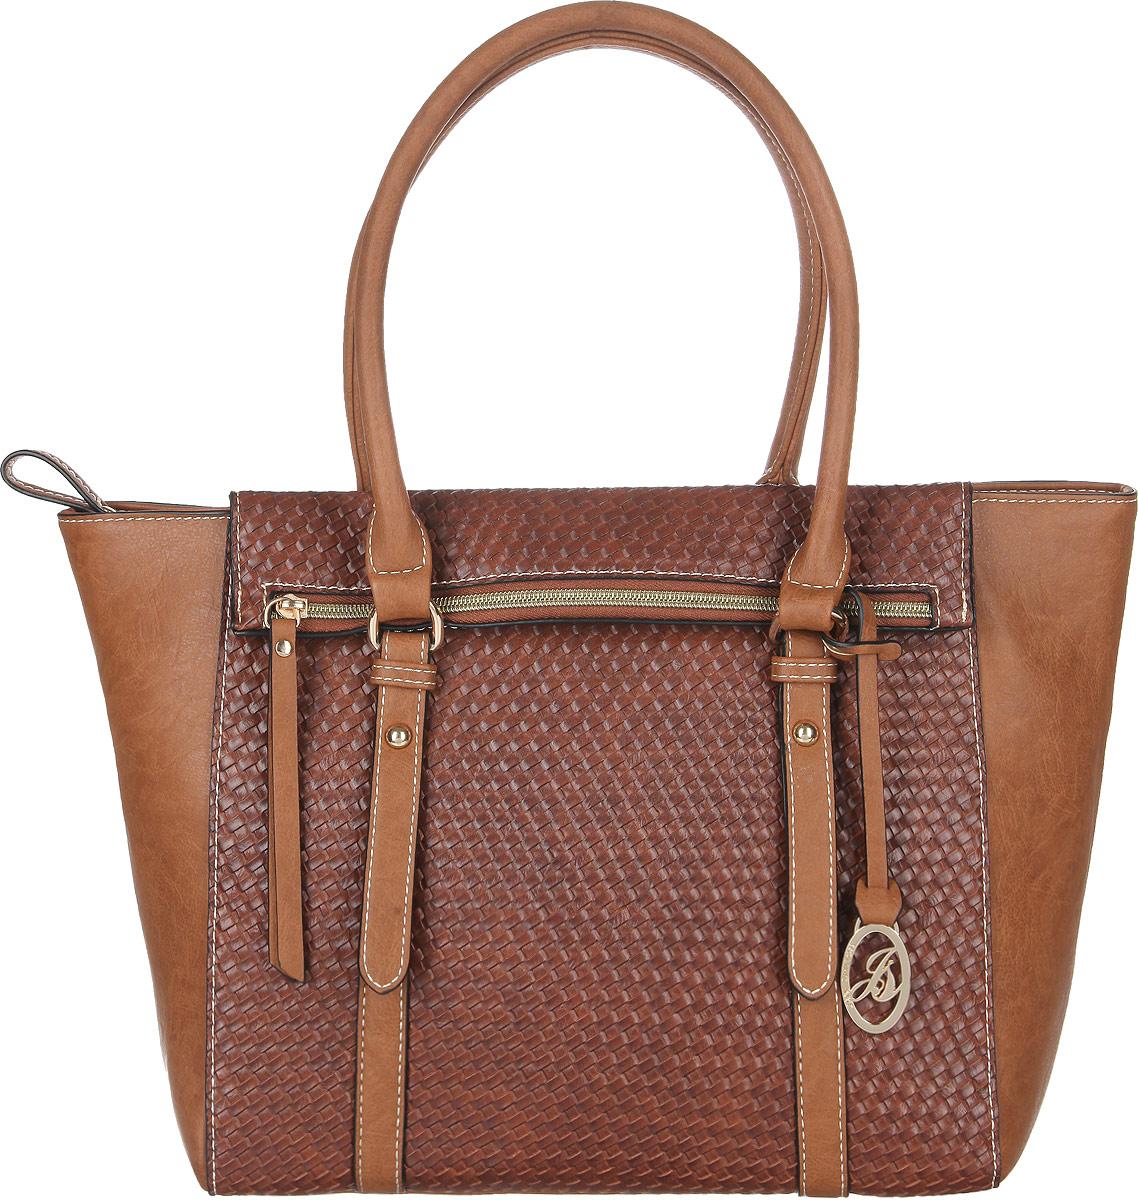 Сумка женская Jane Shilton, цвет: коричневый. 20582058tanСтильная женская сумка Jane Shilton, выполненная из искусственной кожи, оформлена тиснением под плетение и дополнена фирменным брелоком. Изделие имеет одно основное отделение, закрывающееся на застежку-молнию. Внутри находятся прорезной карман на застежке-молнии и накладной открытый карман. Снаружи, на передней стенке расположен оригинальный карман на застежке-молнии, на задней стенке - прорезной карман на застежке-молнии. Модель оснащена двумя удобными ручками. Роскошная сумка внесет элегантные нотки в ваш образ и подчеркнет ваше отменное чувство стиля.